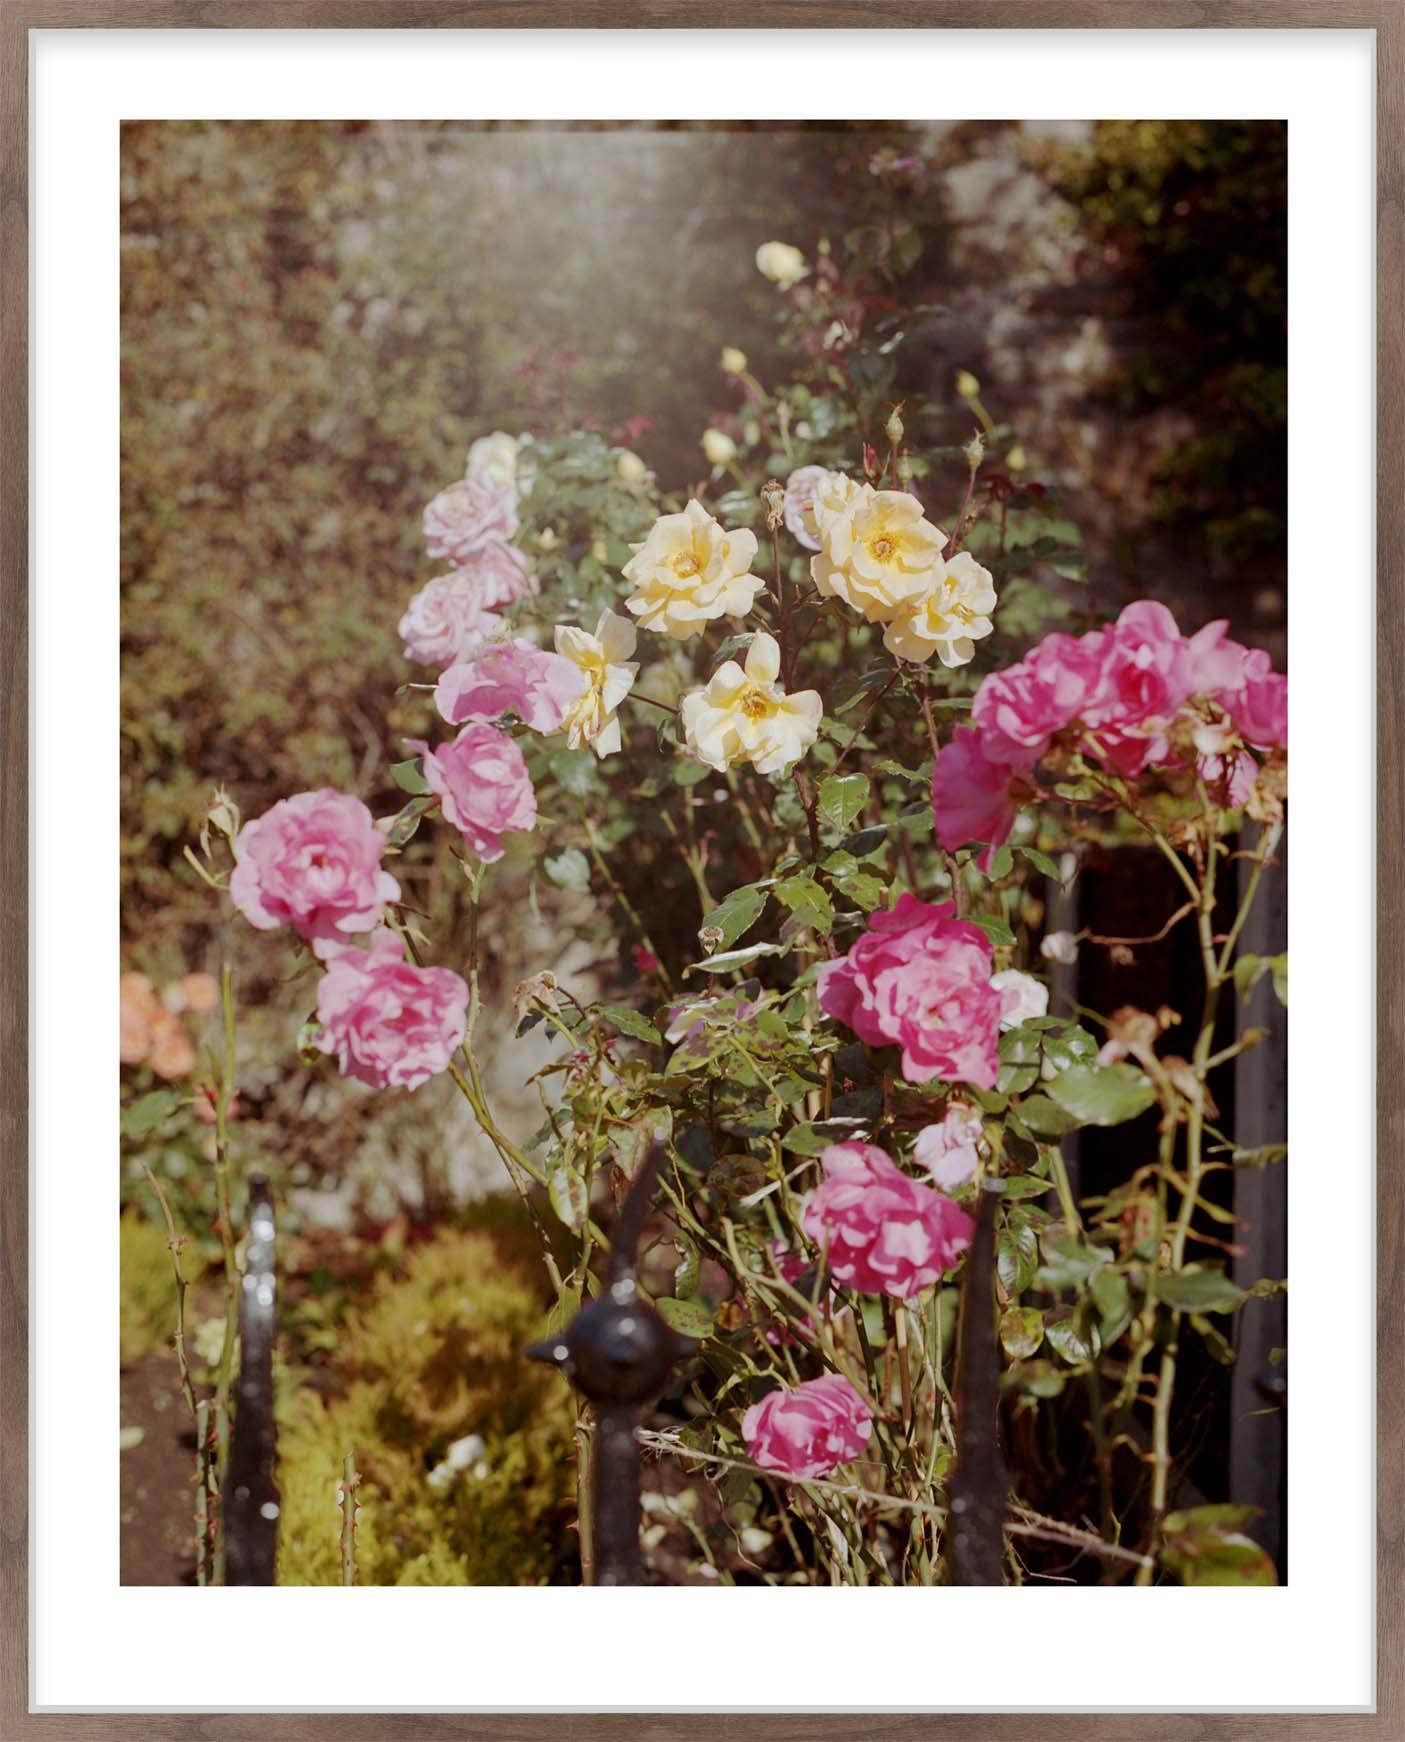 Hang Tough 'Garden Roses' Slip Mounted in Walnut (Framing Only)